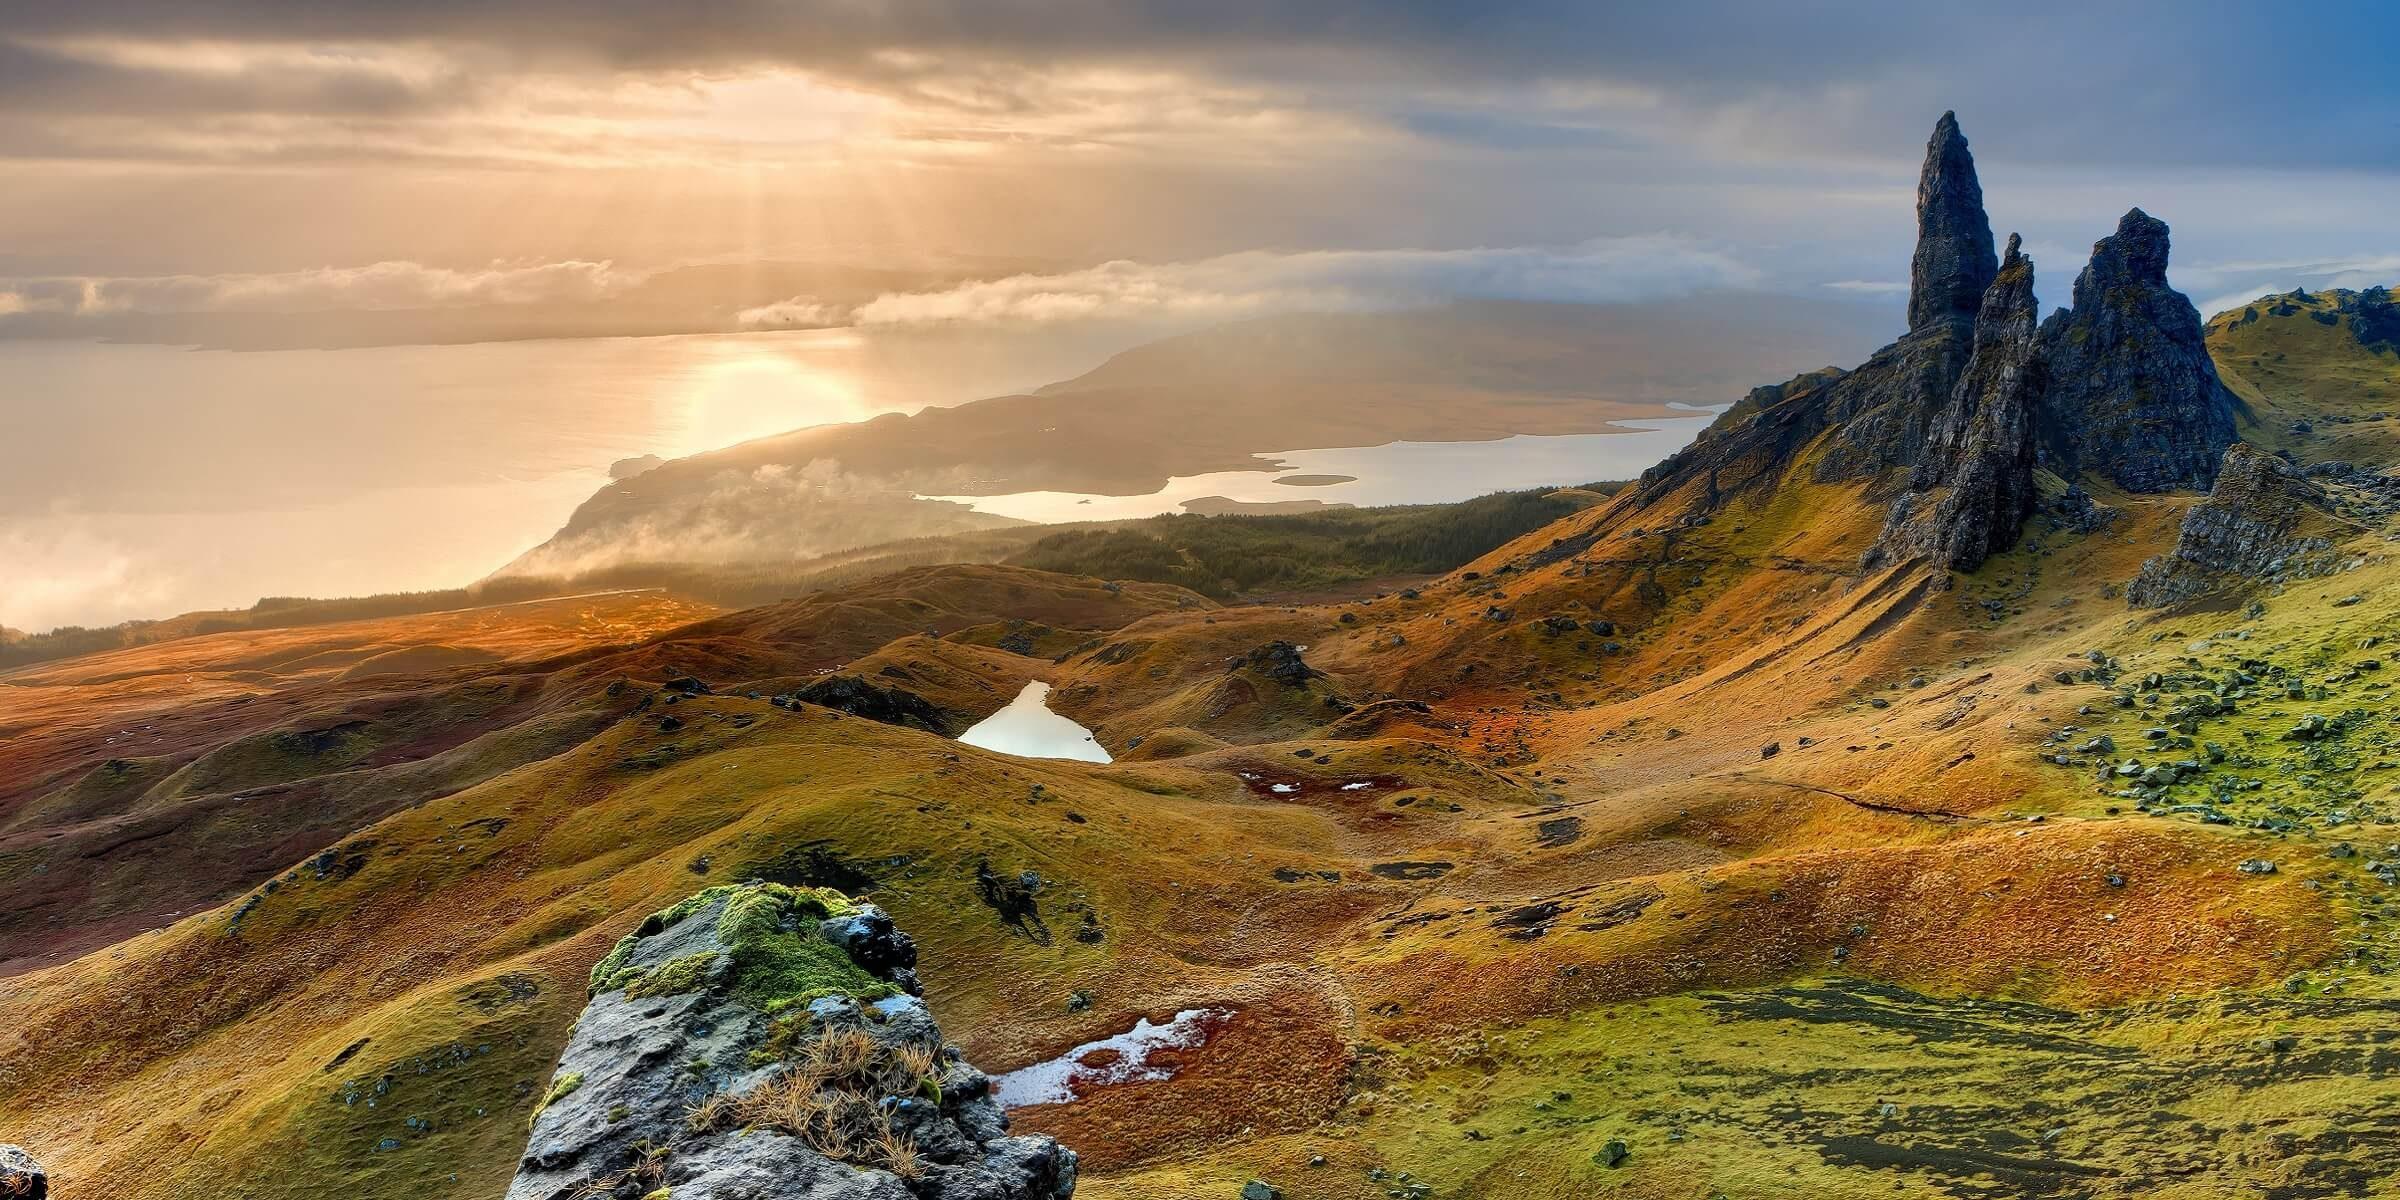 Erleben Sie auf Ihrer Singlereisen die einzigartige Landschaft von Schottland